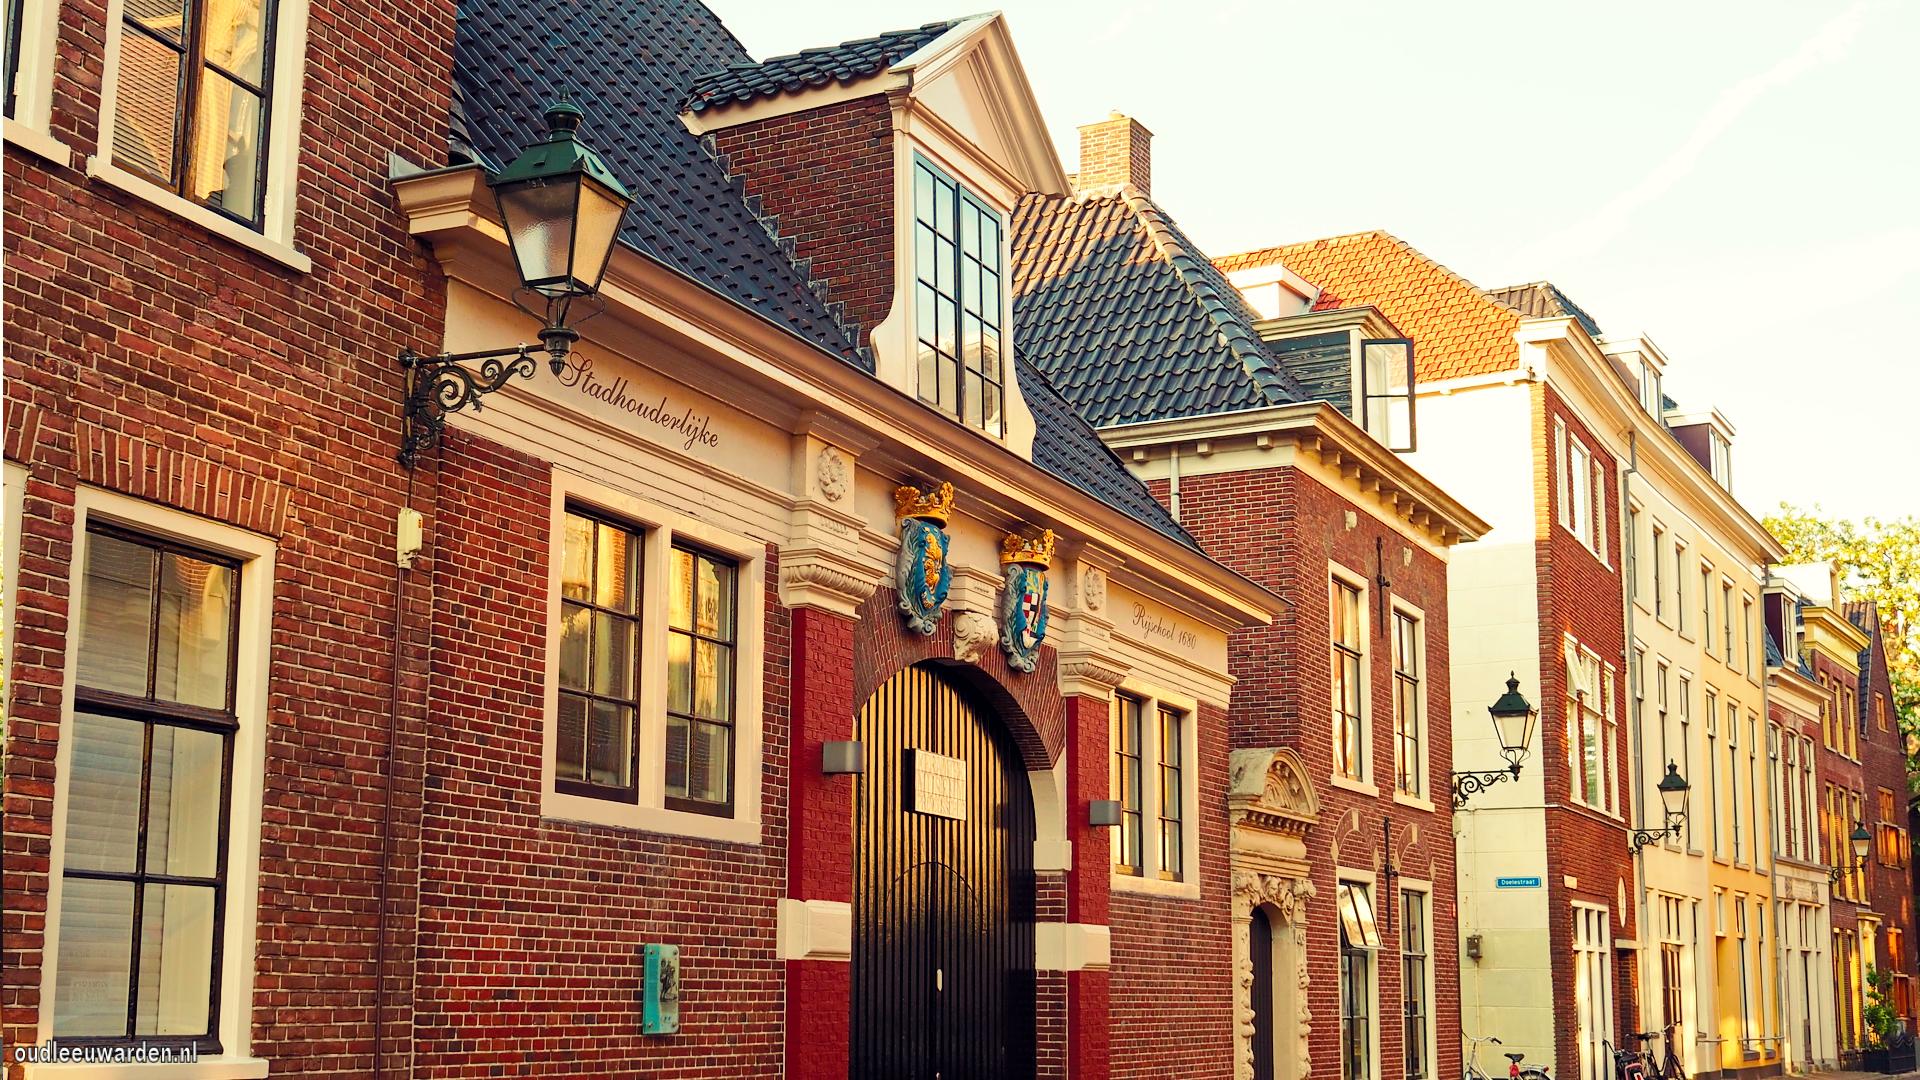 stadhouderlijke_rijschool_1680_grote_kerkstraat_17